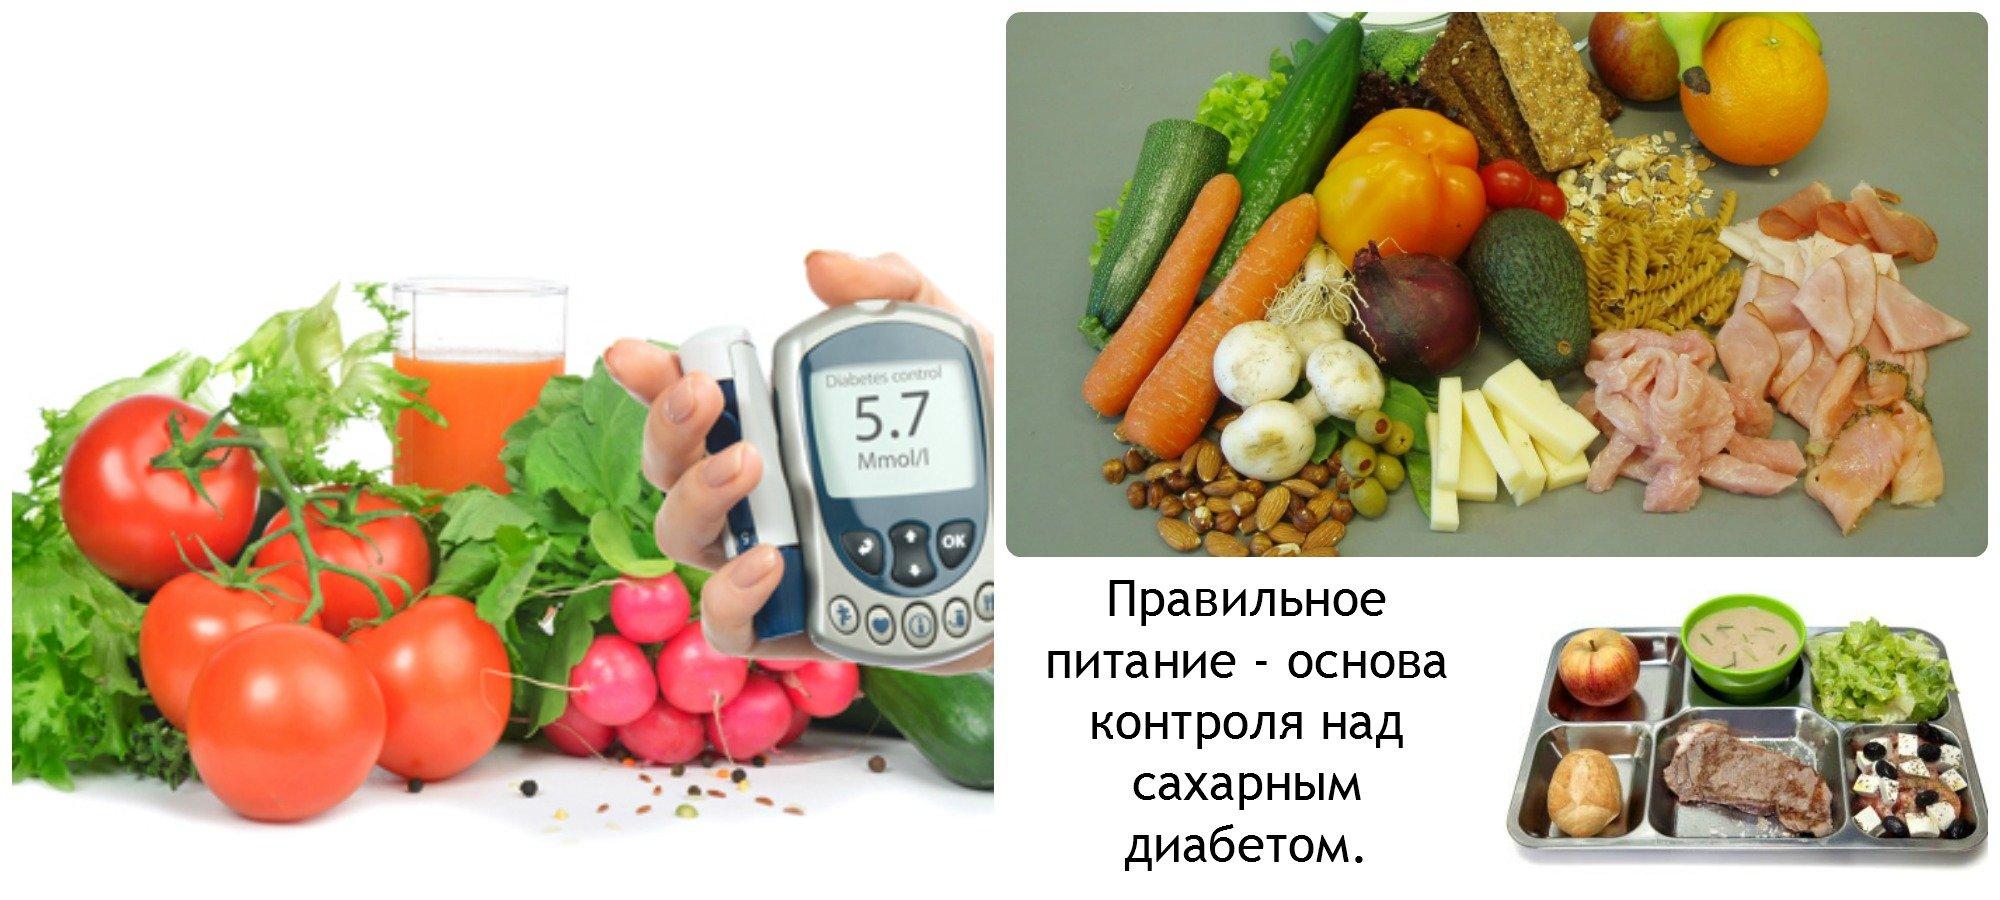 24510-saharnyy-diabet-pitanie-odnogo-dnya